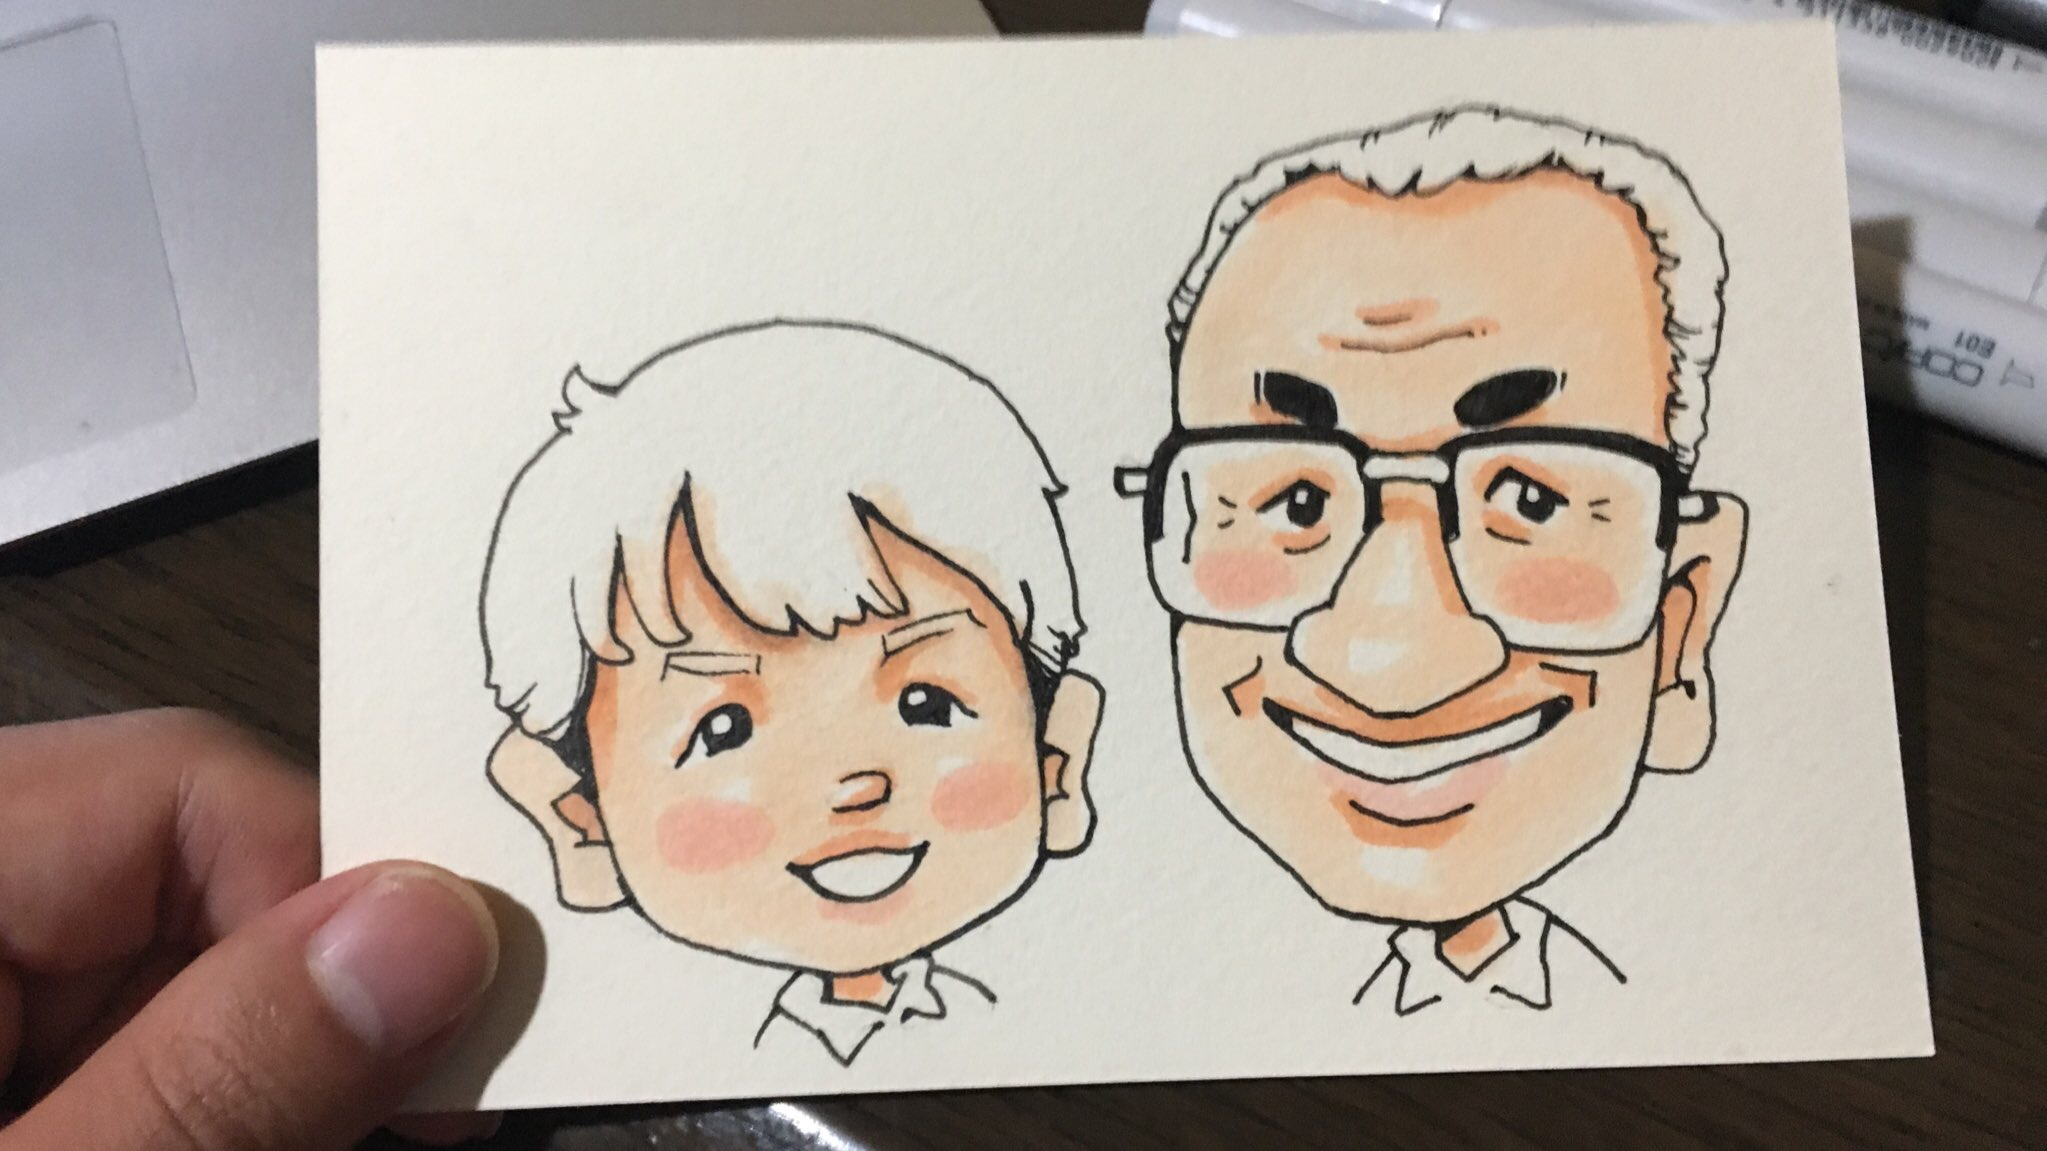 プロが教えるコピックを使った似顔絵の描き方 肌色は何を使えば良いのか やすしの似顔絵研究所